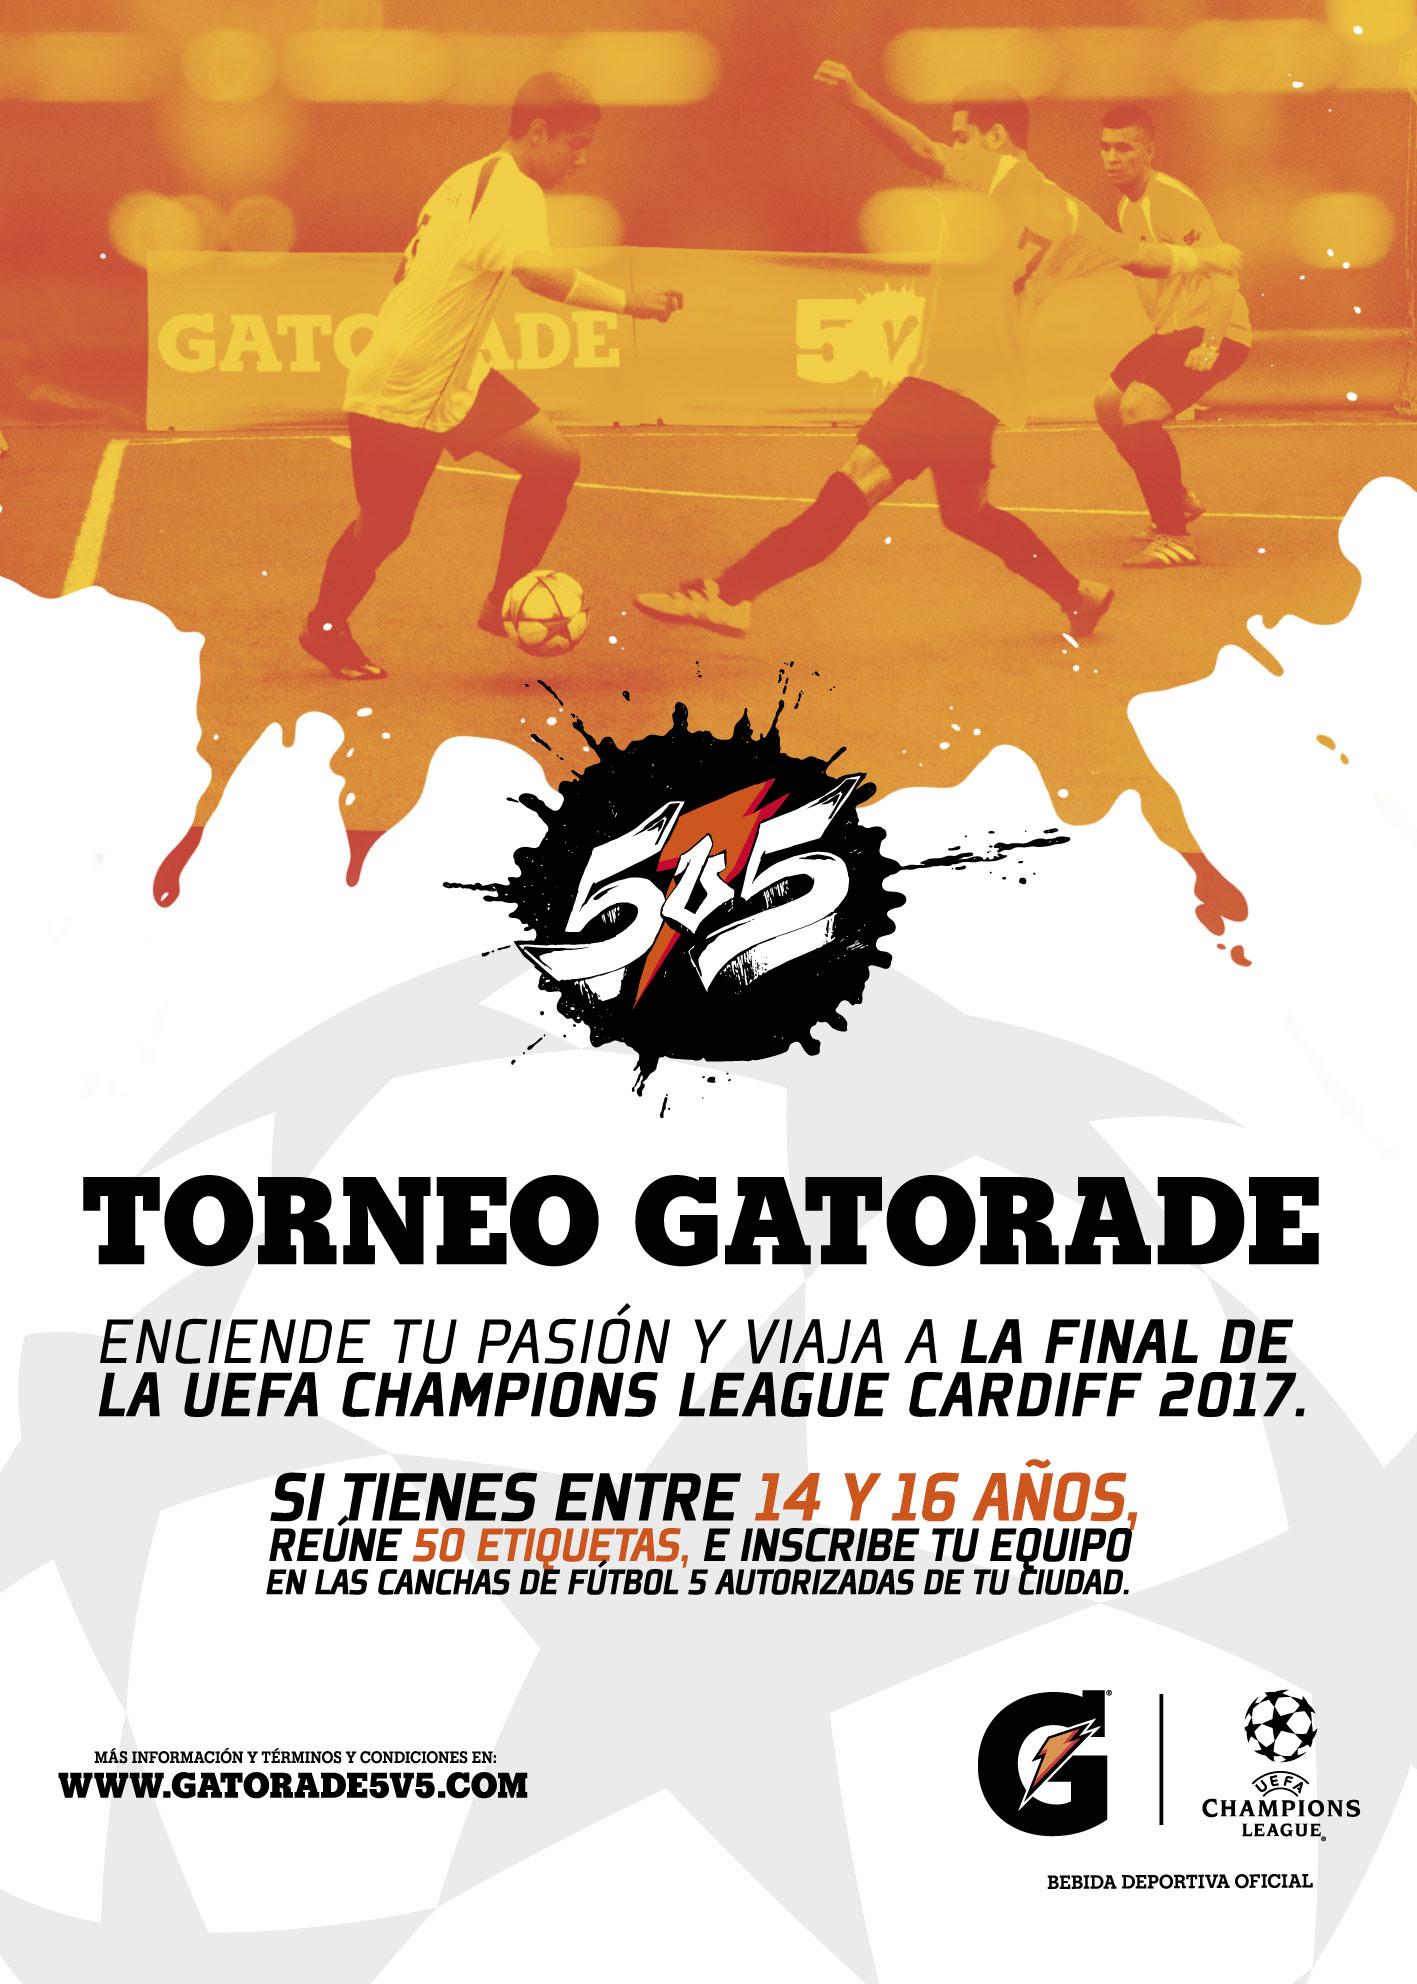 Torneo Gatorade de Fútbol 5